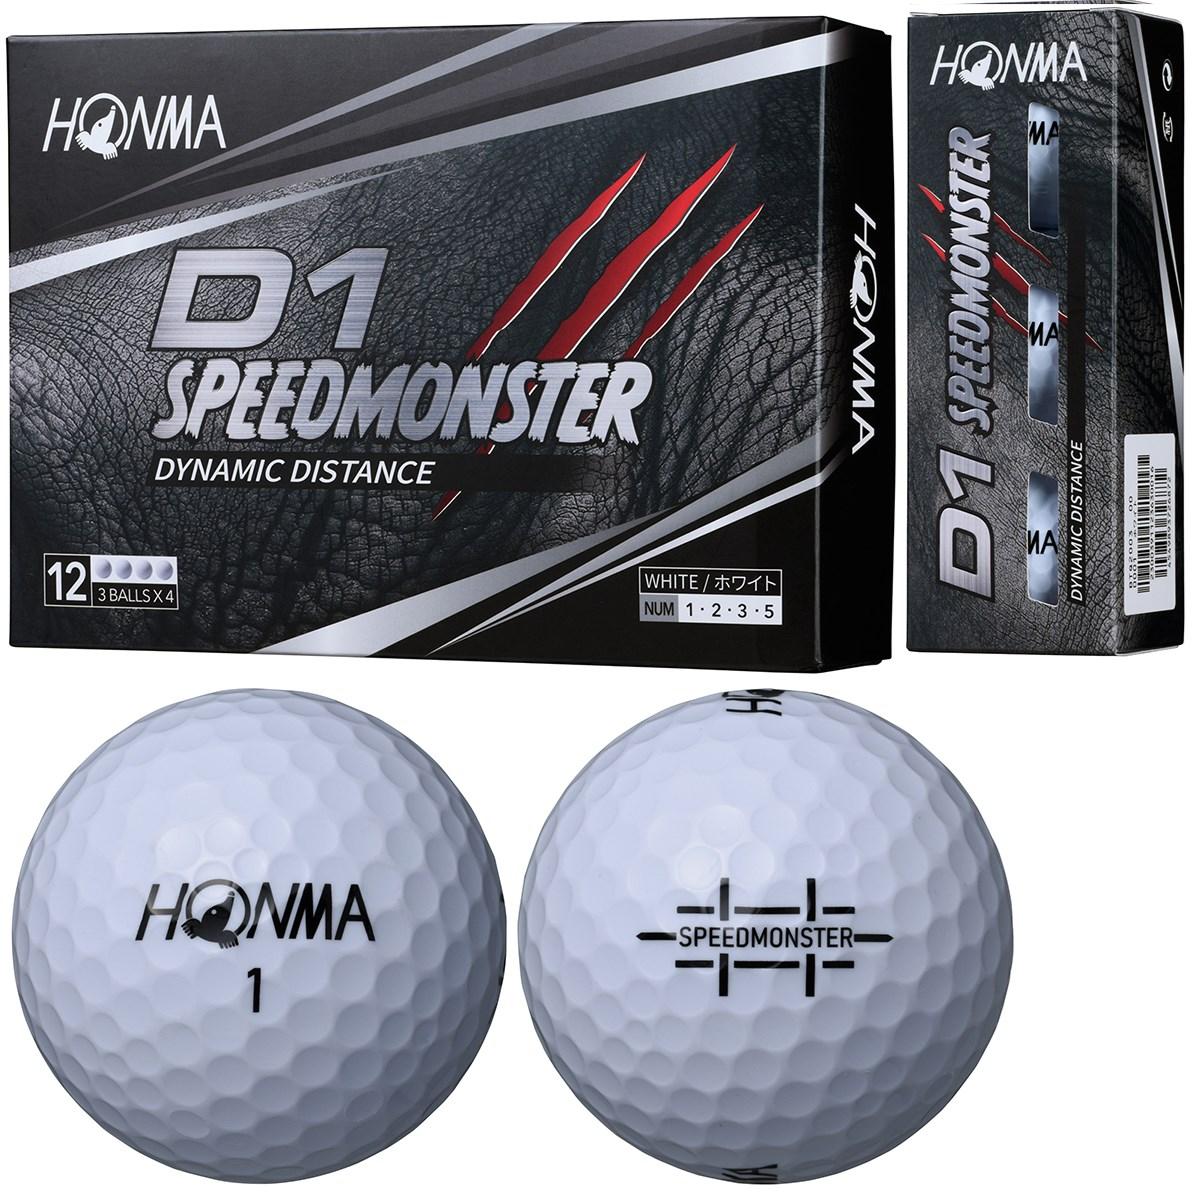 本間ゴルフ(HONMA GOLF) D1 スピードモンスター ボール【2021年1月29日発売予定】